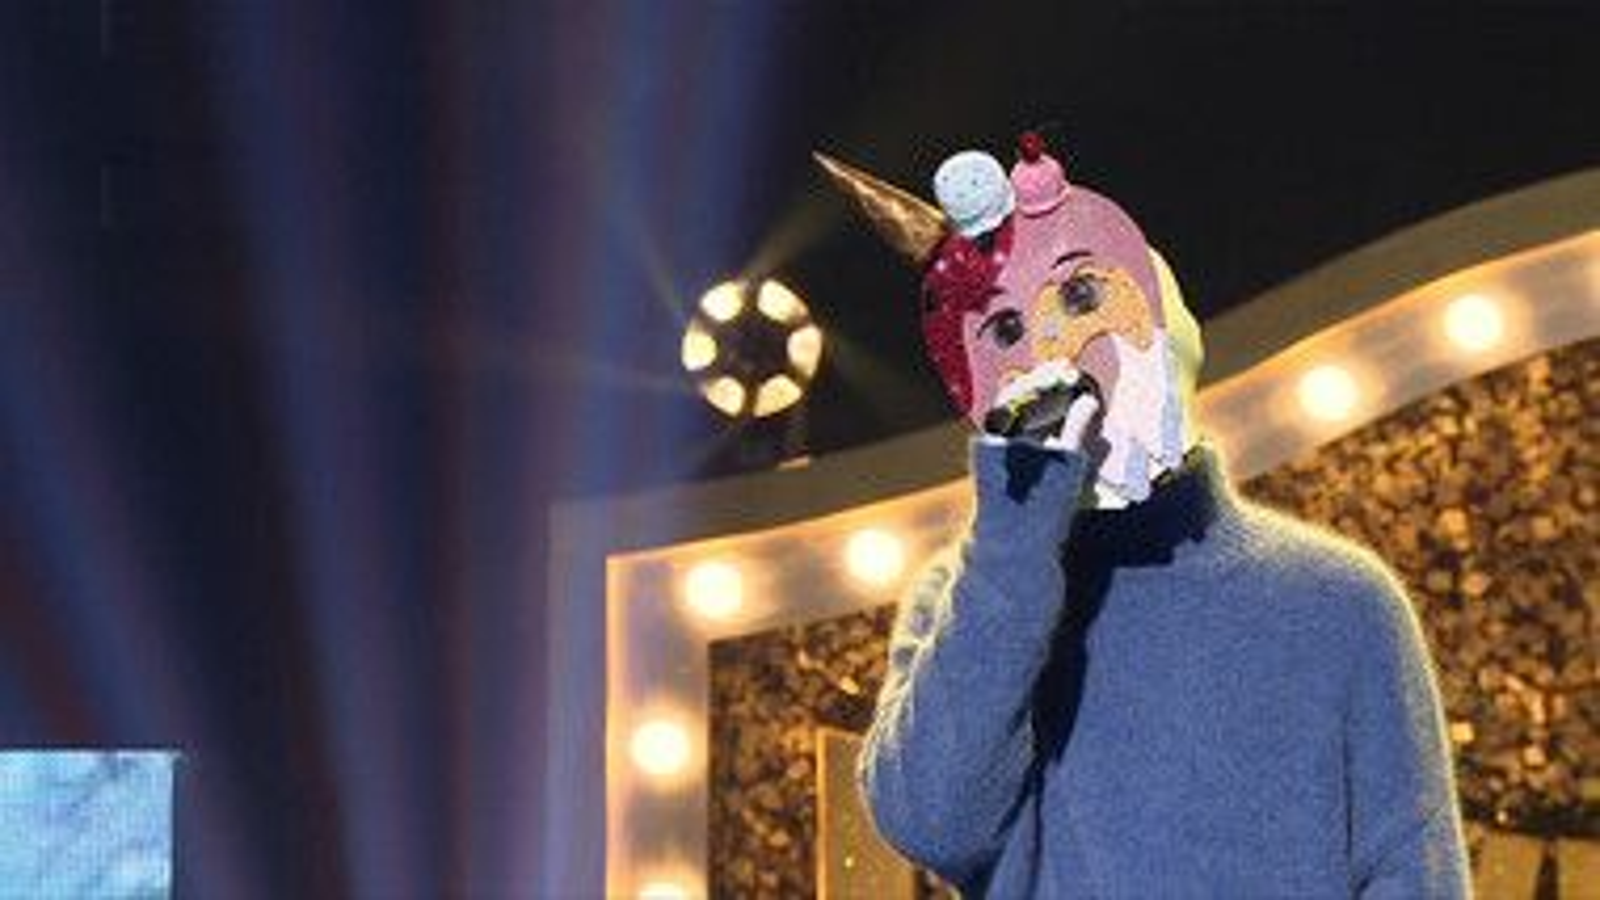 The King of Mask Singer Episode 188